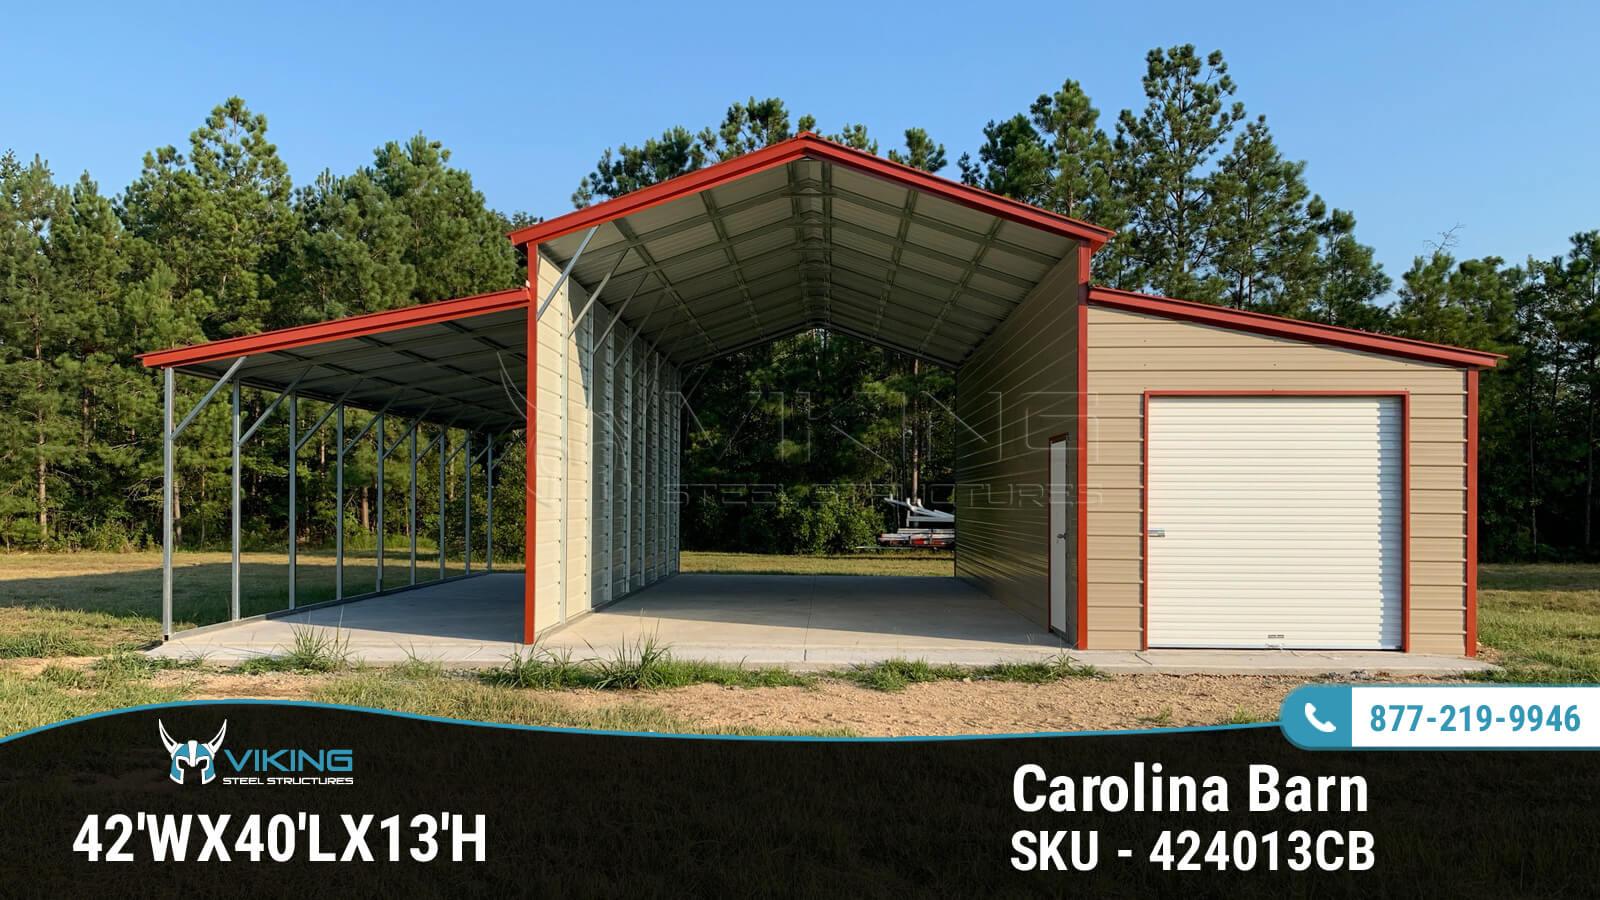 42'x40'x13' Carolina Barn